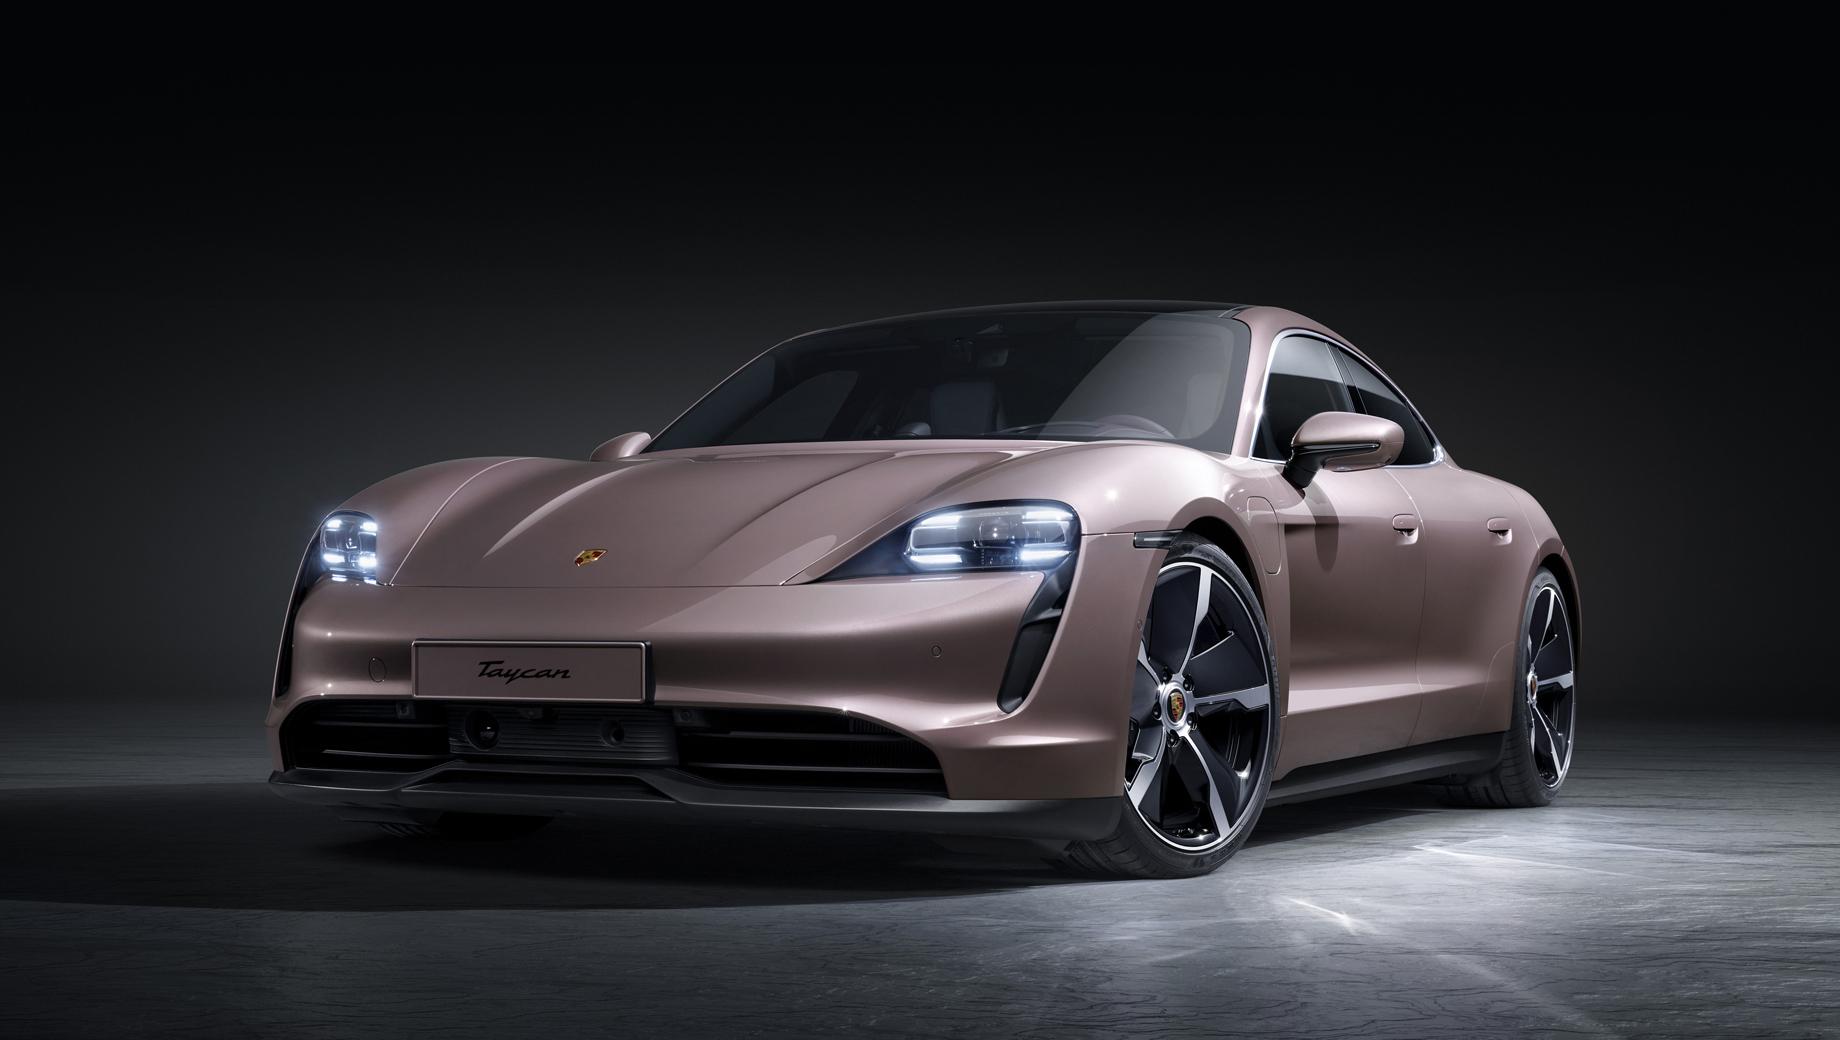 Porsche taycan. Базовой машине полагаются аэродинамически оптимизированные 19-дюймовые колёсные диски Taycan Aero, чёрные анодированные тормозные суппорты, такого же цвета передний фартук, пороги и диффузор, светодиодные фары.